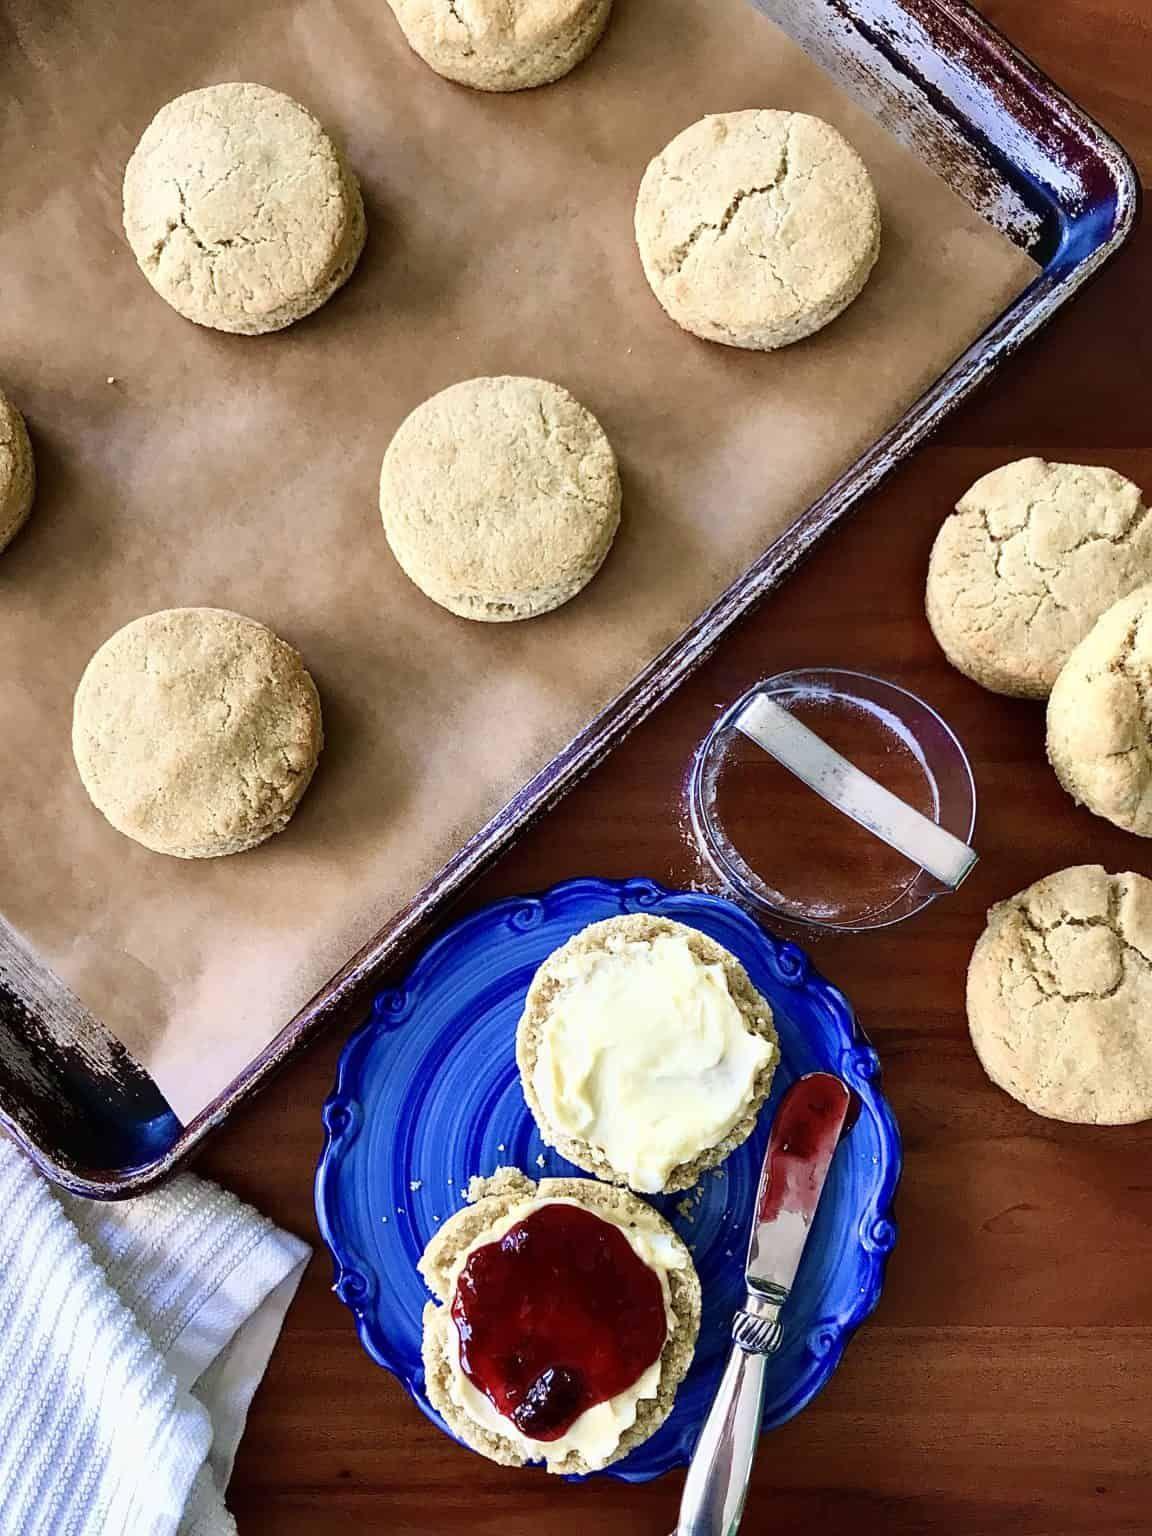 Paleo Almond Flour Biscuits (gluten-free, dairy-free) - Paleo Gluten-Free Guy